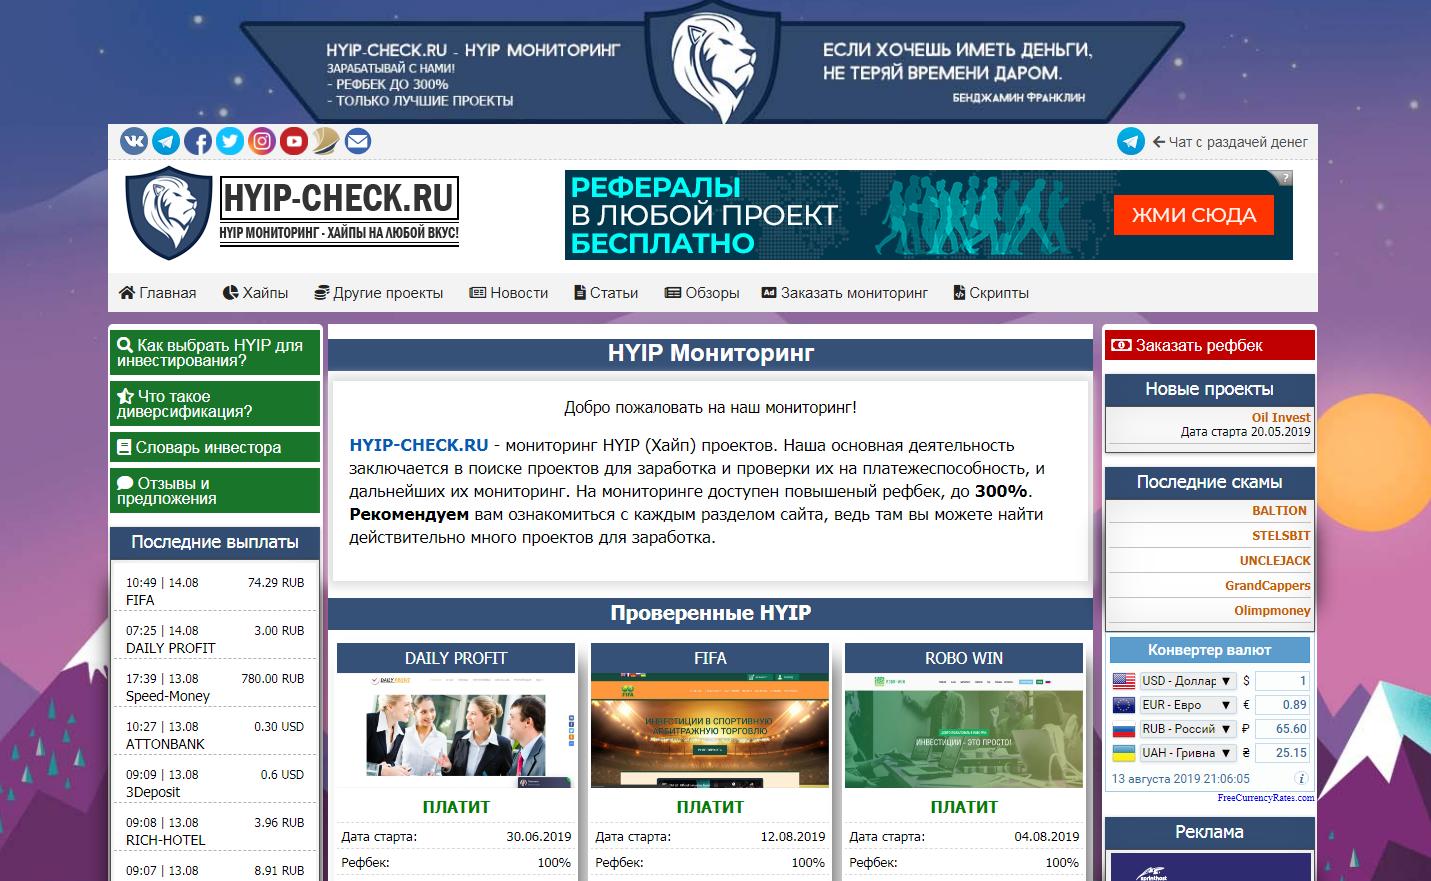 Скрипт мониторинга инвестиционных проектов Hyip-check